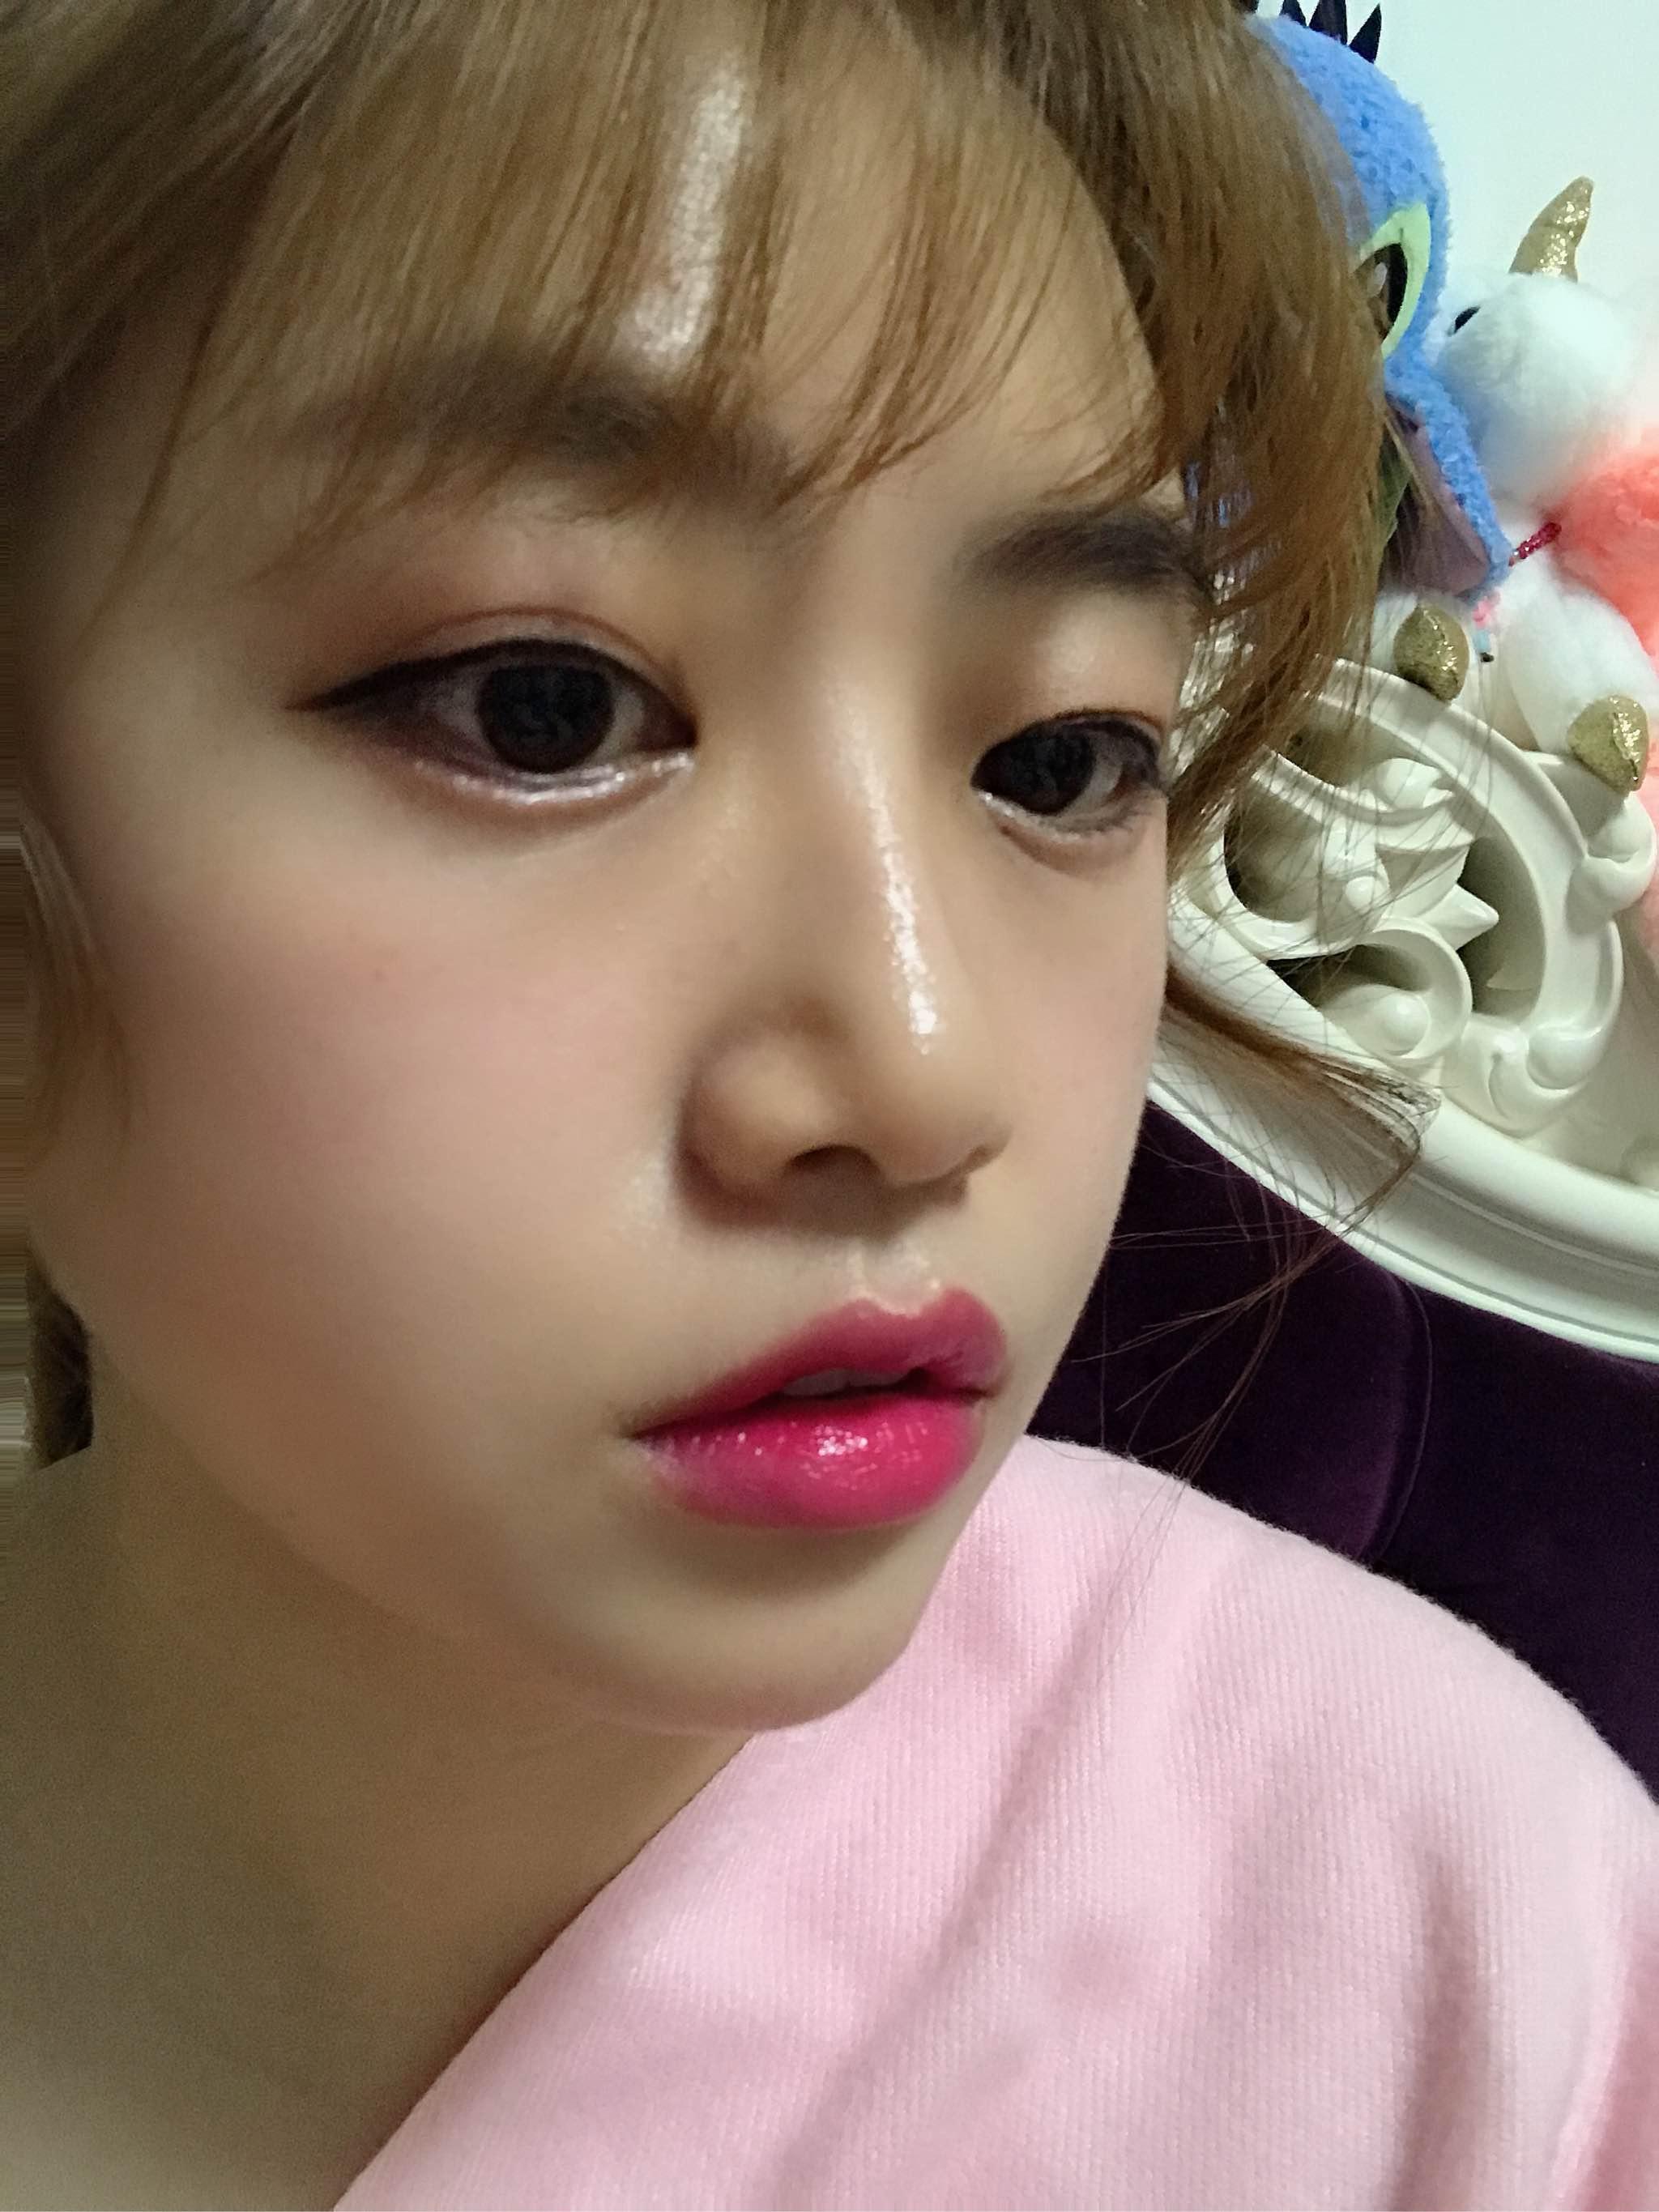 唇色深的人适合什么颜色的口红,溢萱品牌放肆·蜜恋粉口红试色